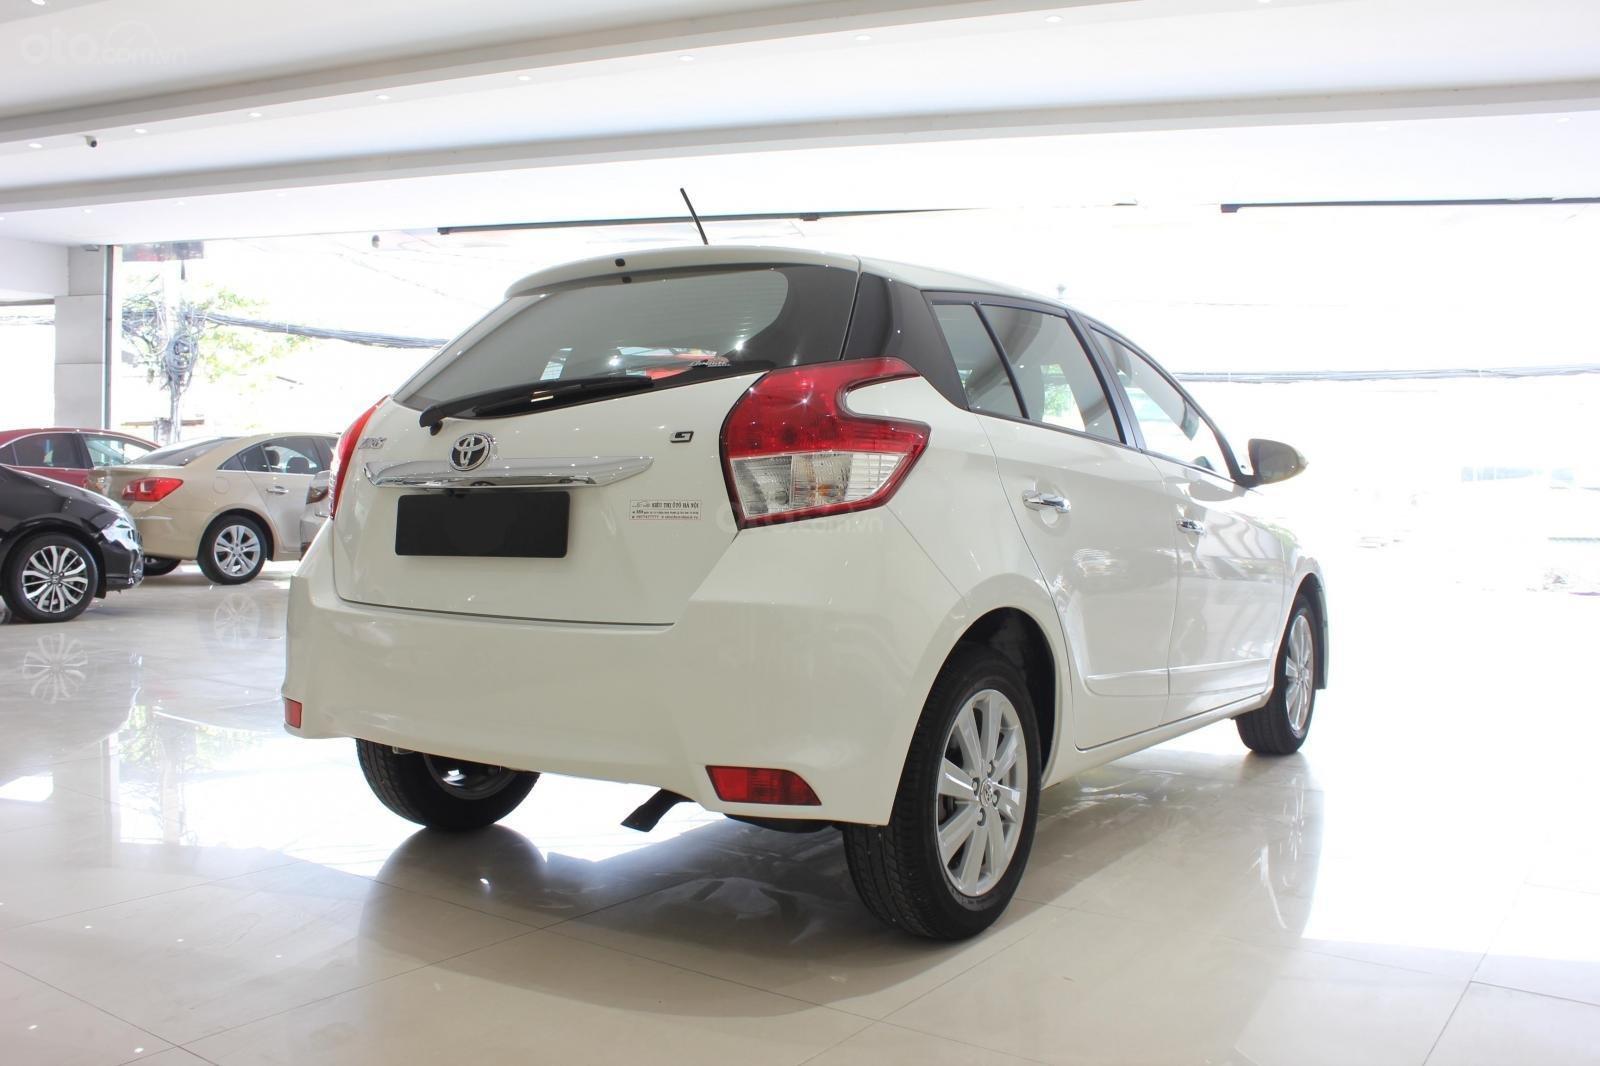 Cần bán xe Toyota Yaris 1.3G sx 2015, màu trắng, nhập Thái. Xem xe có giá tốt (7)